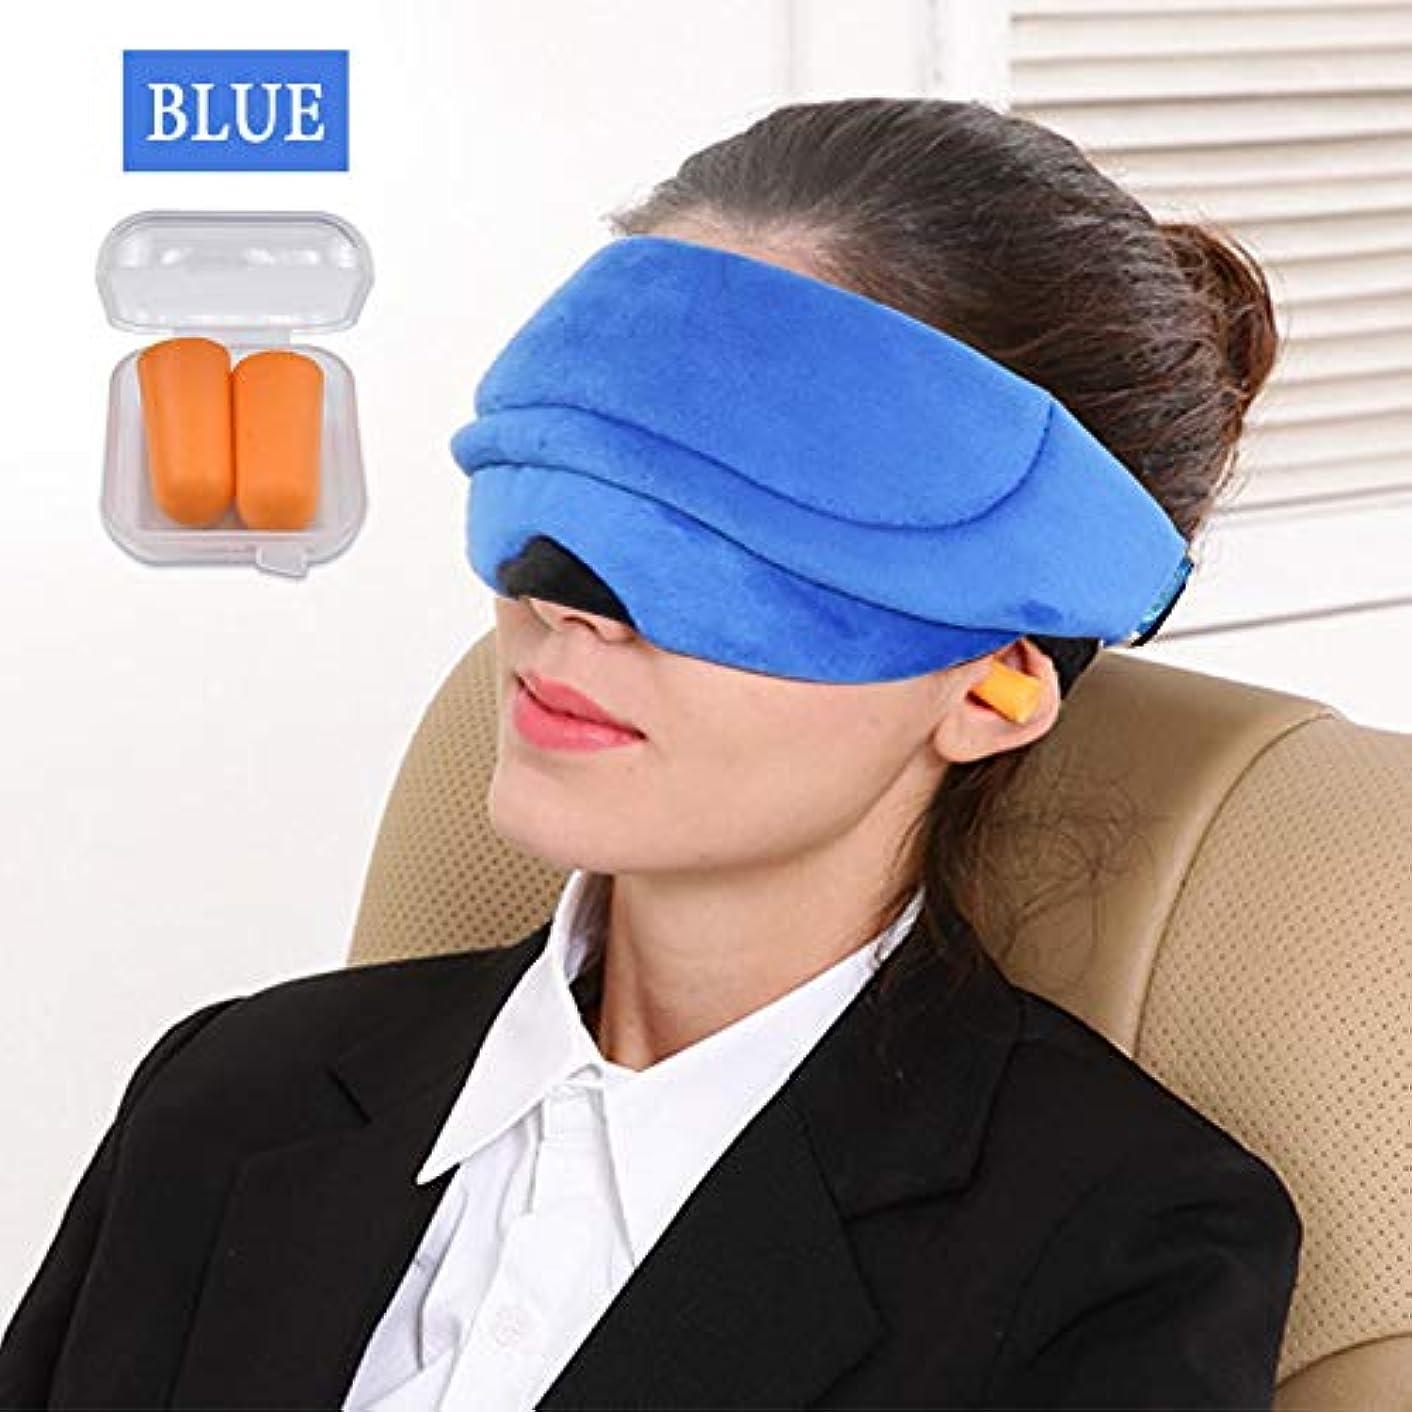 年金受給者しなやかな欠伸NOTE 3dナチュラルスリーピングアイマスク睡眠休息補助アイシェードソフト通気性アイパッチ包帯用夜間睡眠屋外旅行目隠し